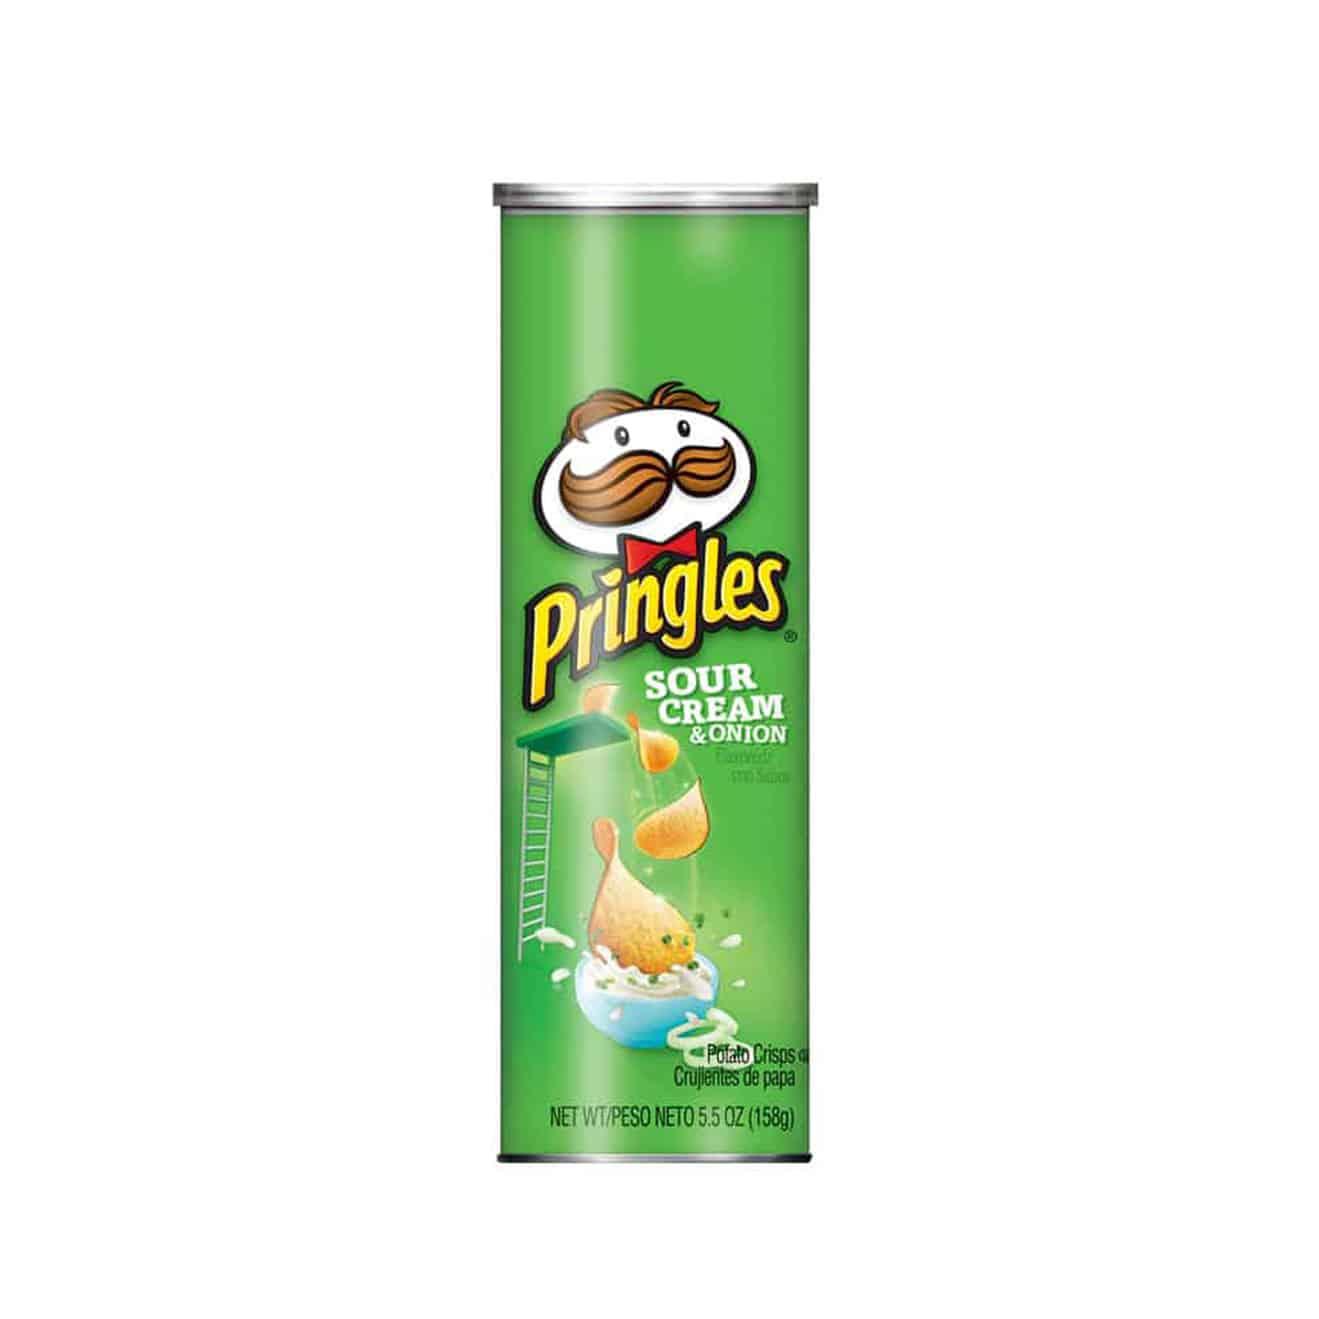 Pringles Sour